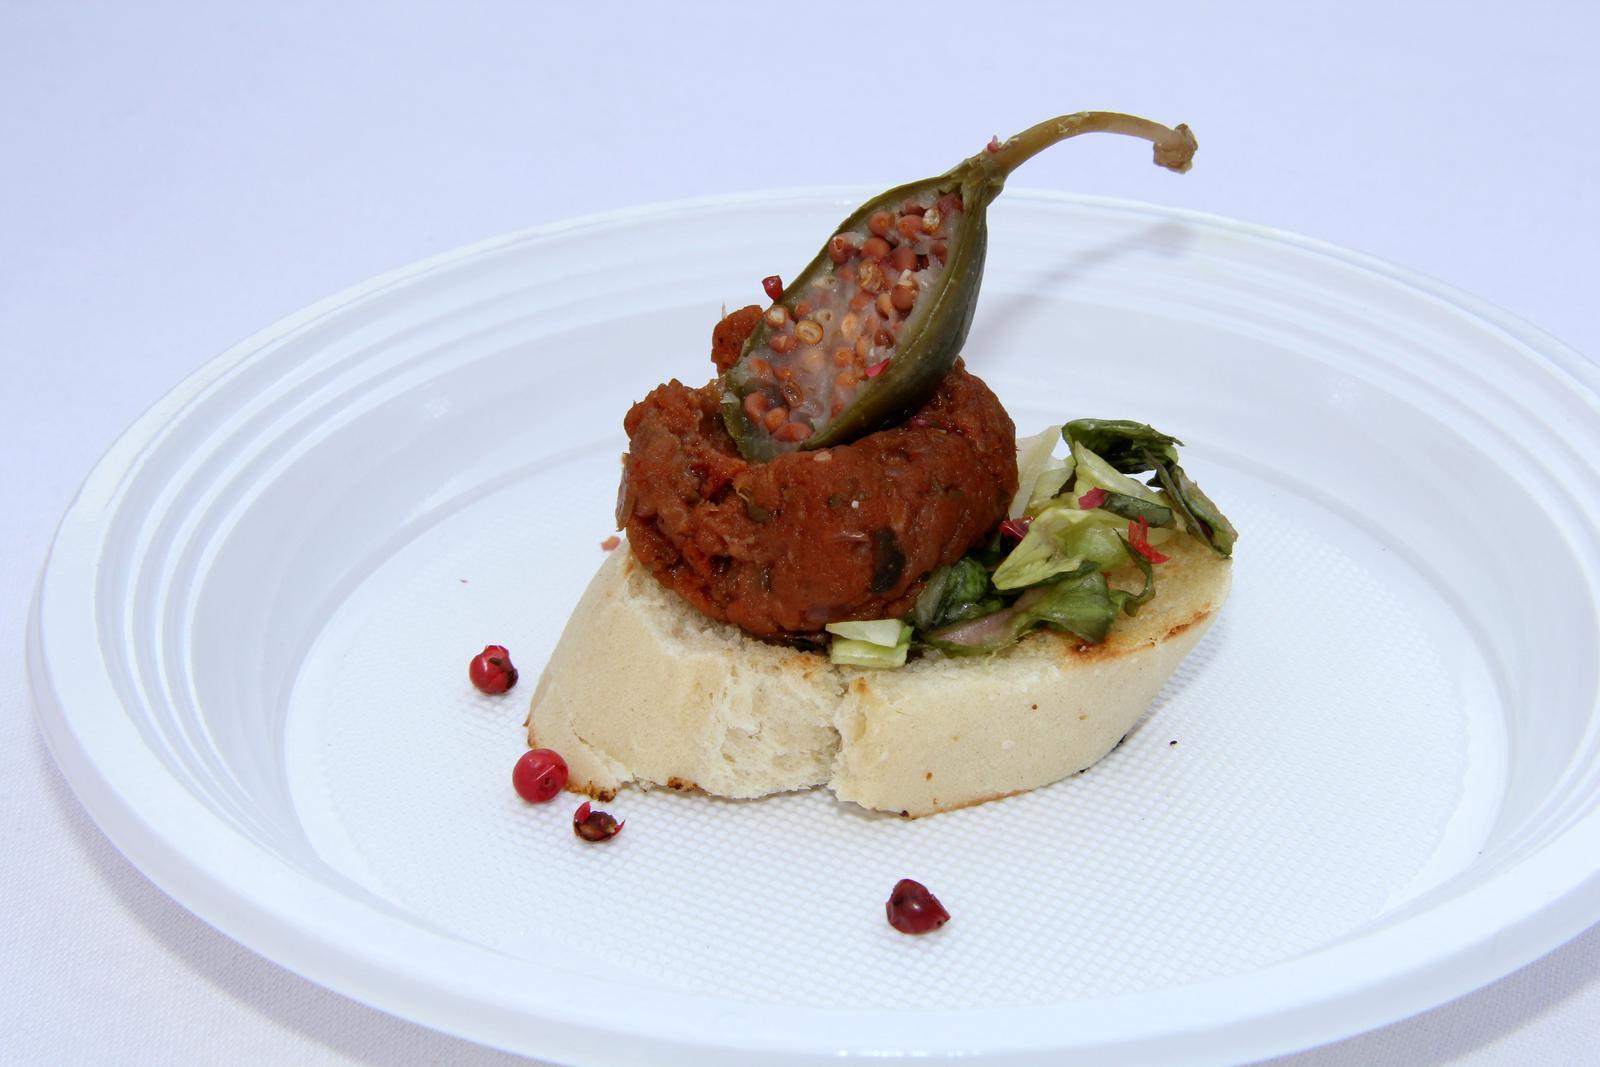 Degustační požitek - Tatarský biftek se šalotkou, kapary, okurkami cornichons, dijonskou hořčicí  a parmazánem, podávaný na opečeném bagetovém toastu  s listovým salátem - dalo se to, ale nějak extra mě to nenadchlo